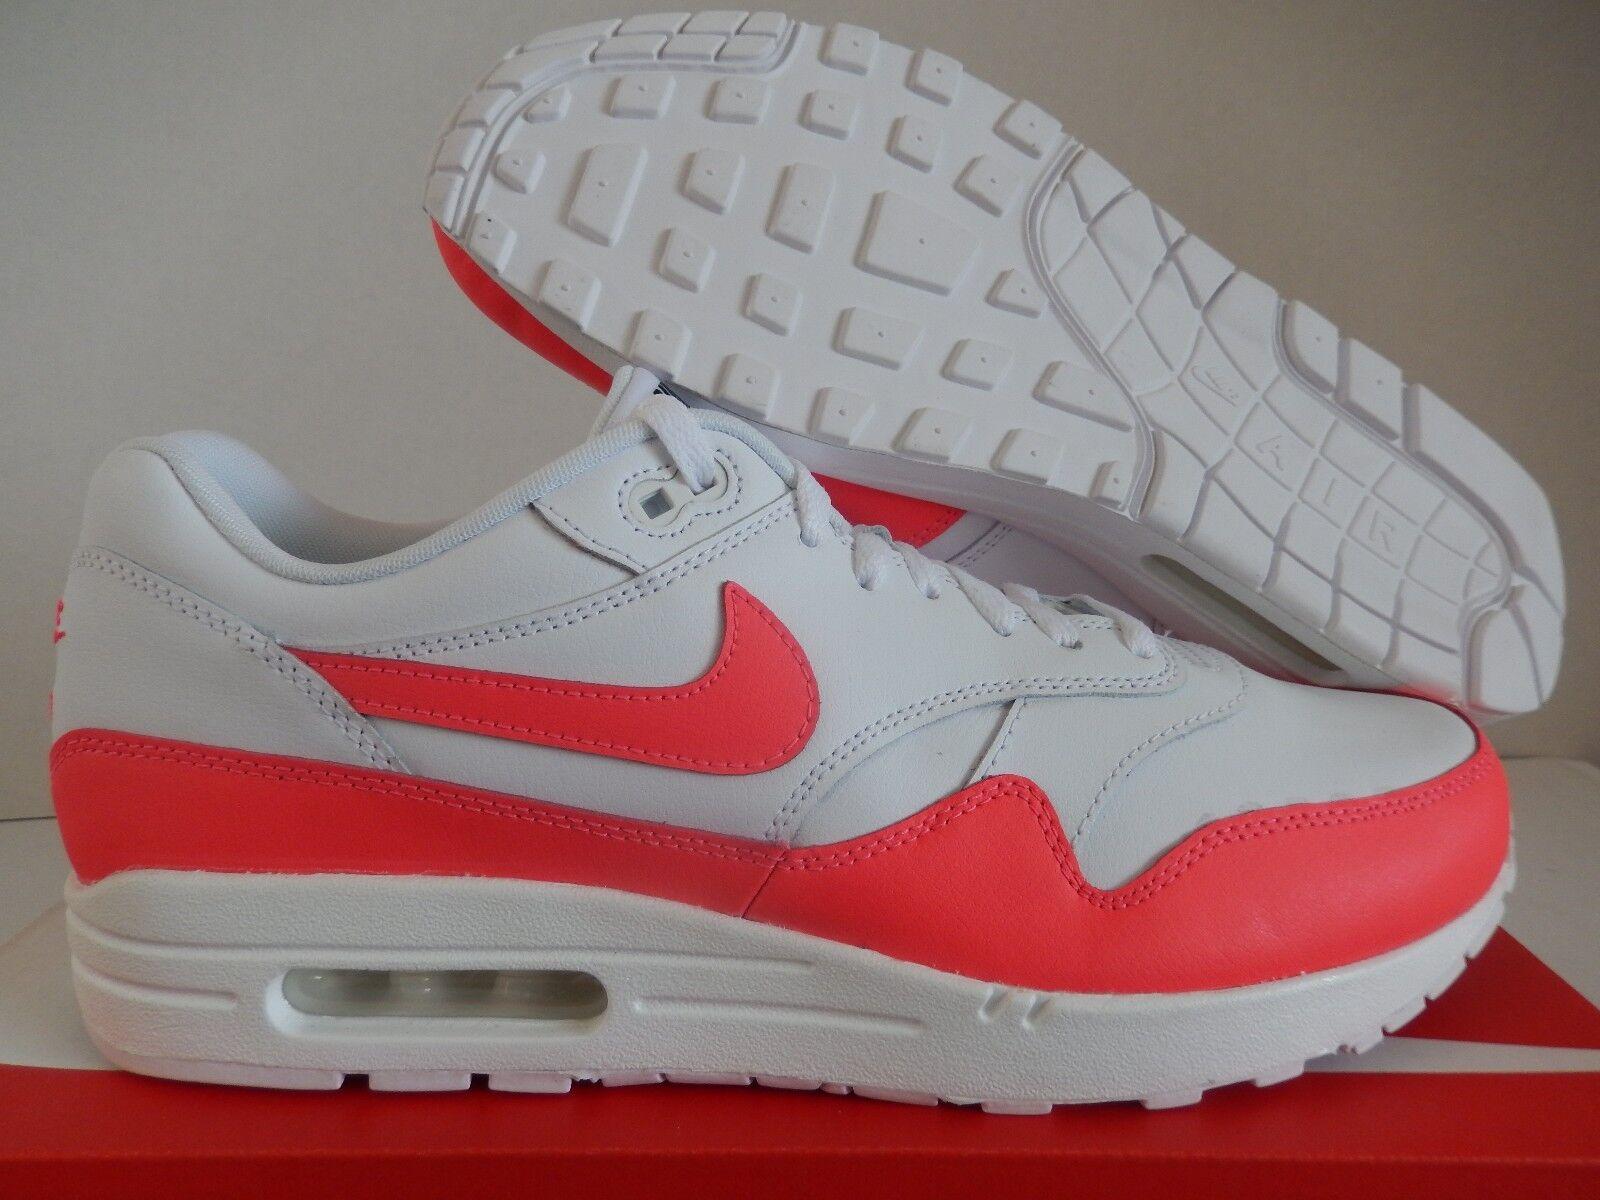 Nike air max sz 1 id white-infrared sz max 11,5 [943756-991] 6257c1